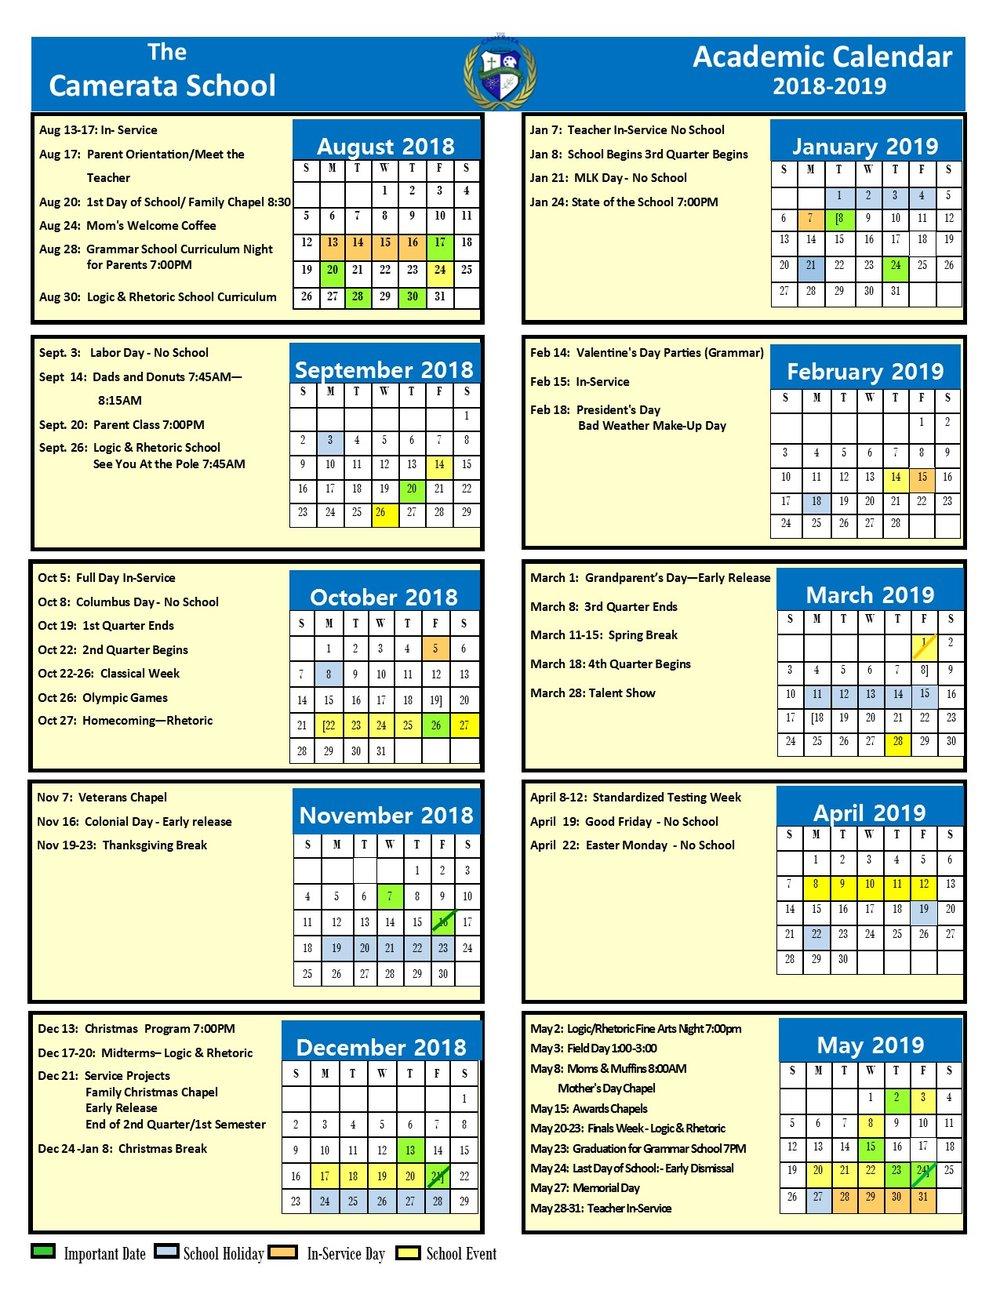 Academic Calendar 2018-2019.jpg